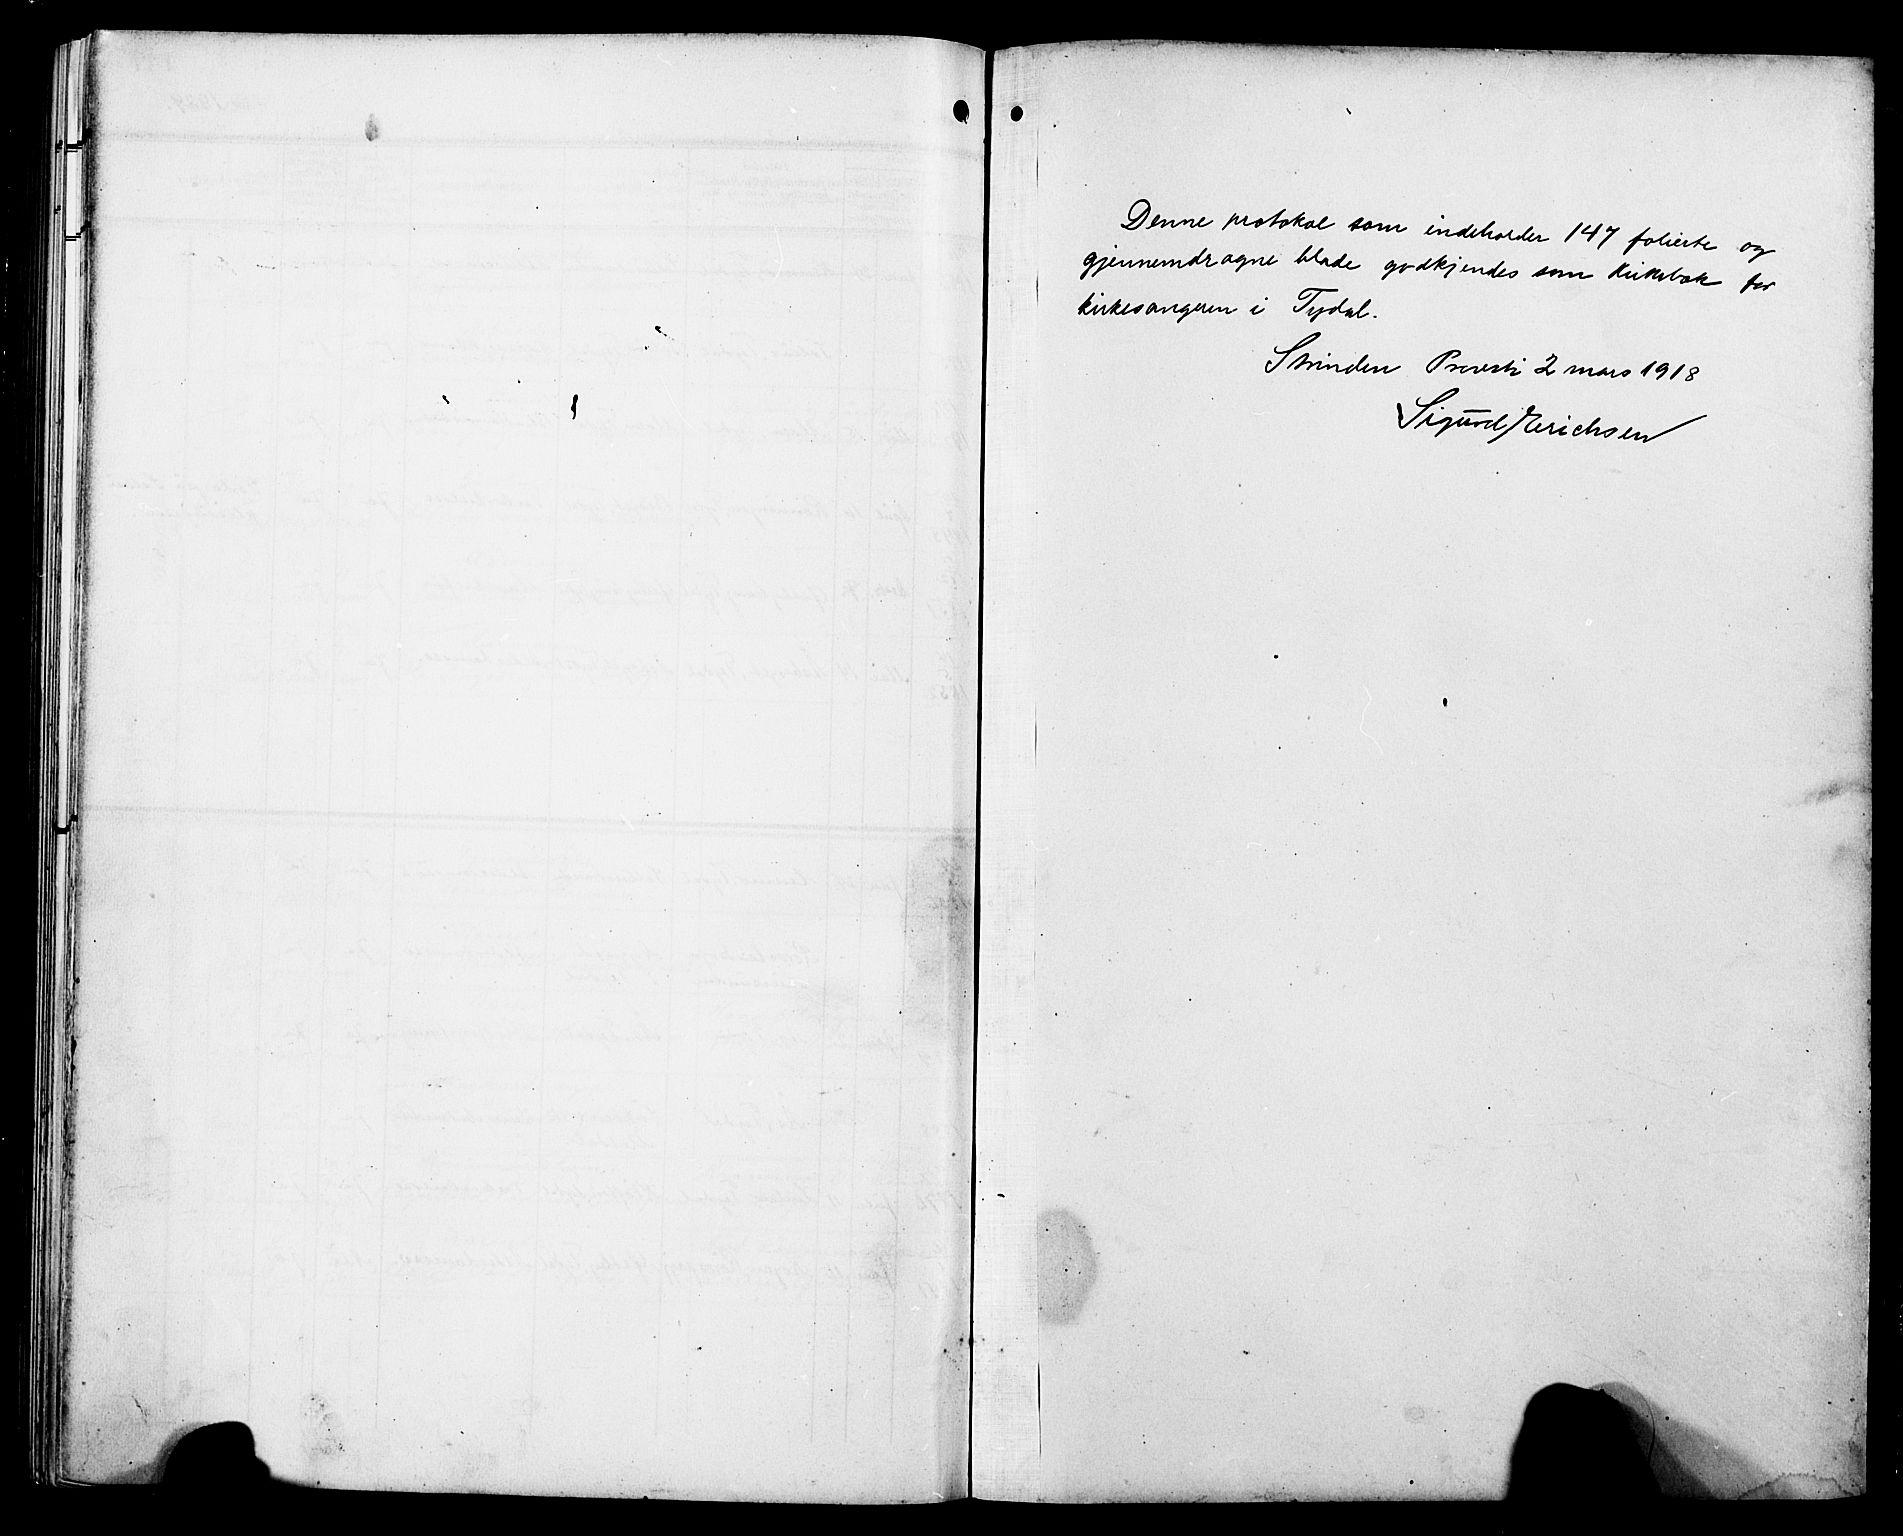 SAT, Ministerialprotokoller, klokkerbøker og fødselsregistre - Sør-Trøndelag, 698/L1168: Klokkerbok nr. 698C05, 1908-1930